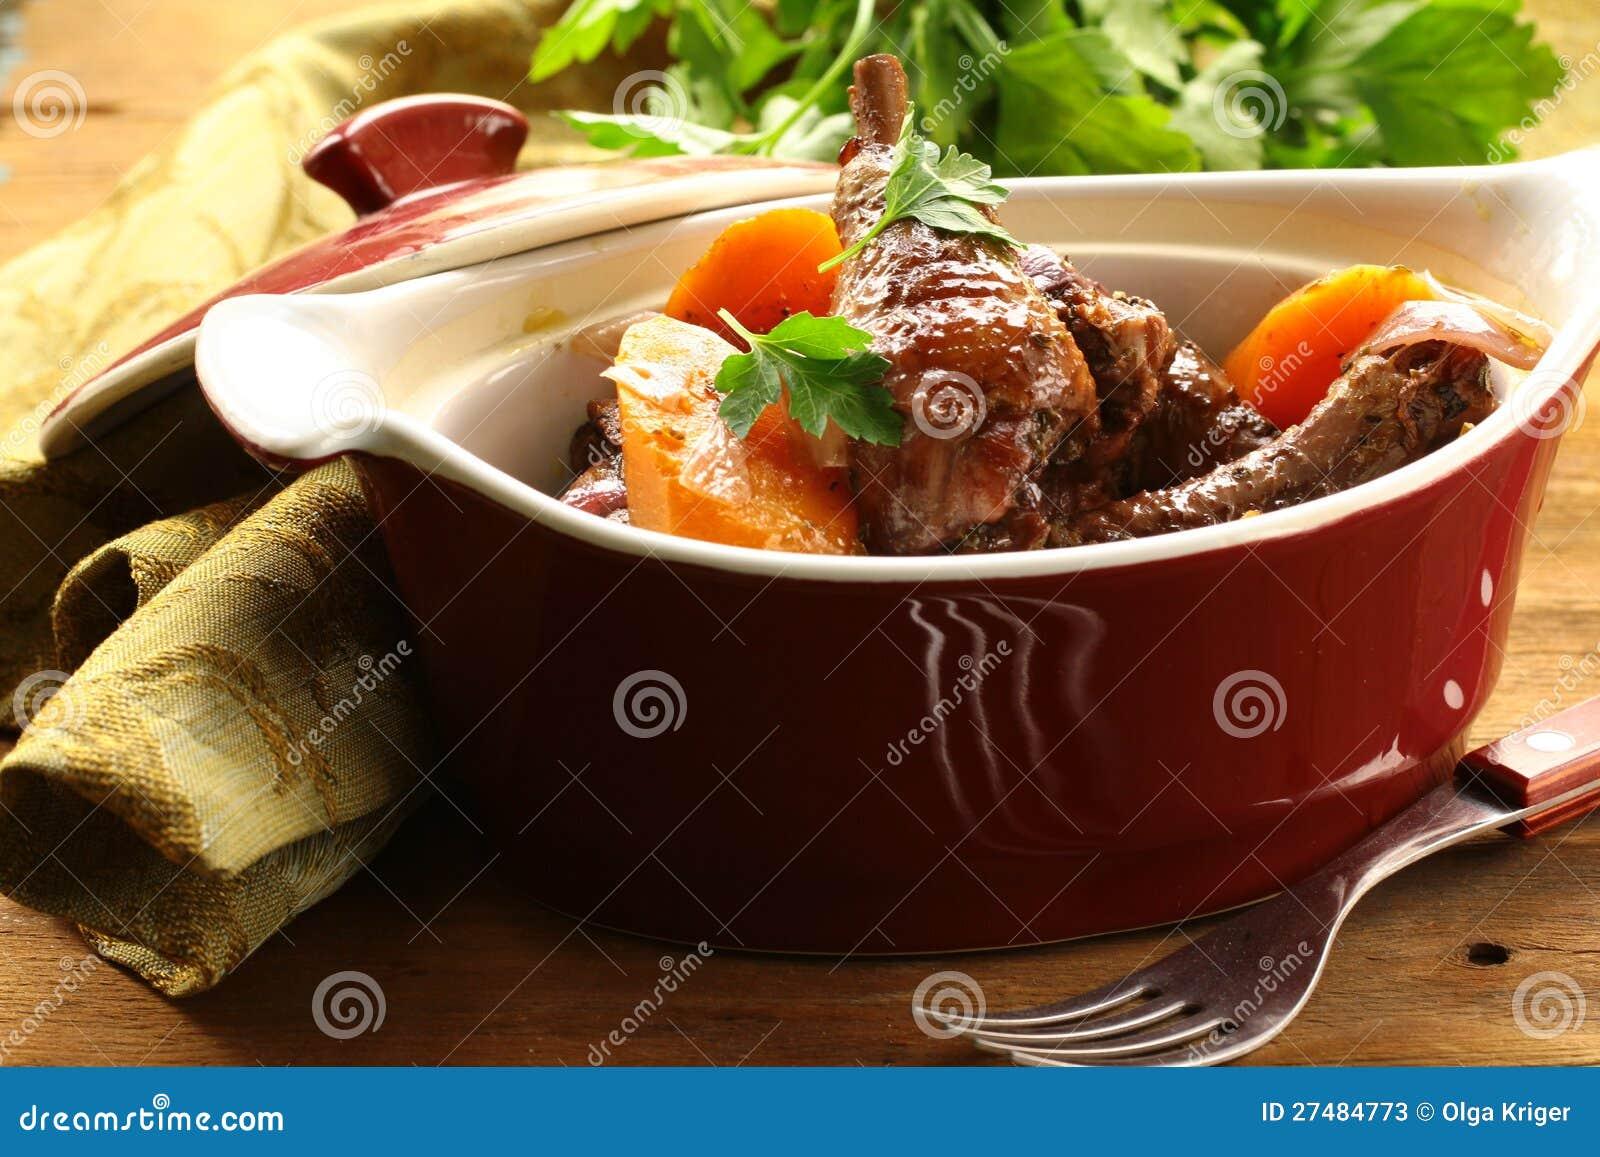 Cocina francesa tradicional - pollo en vino